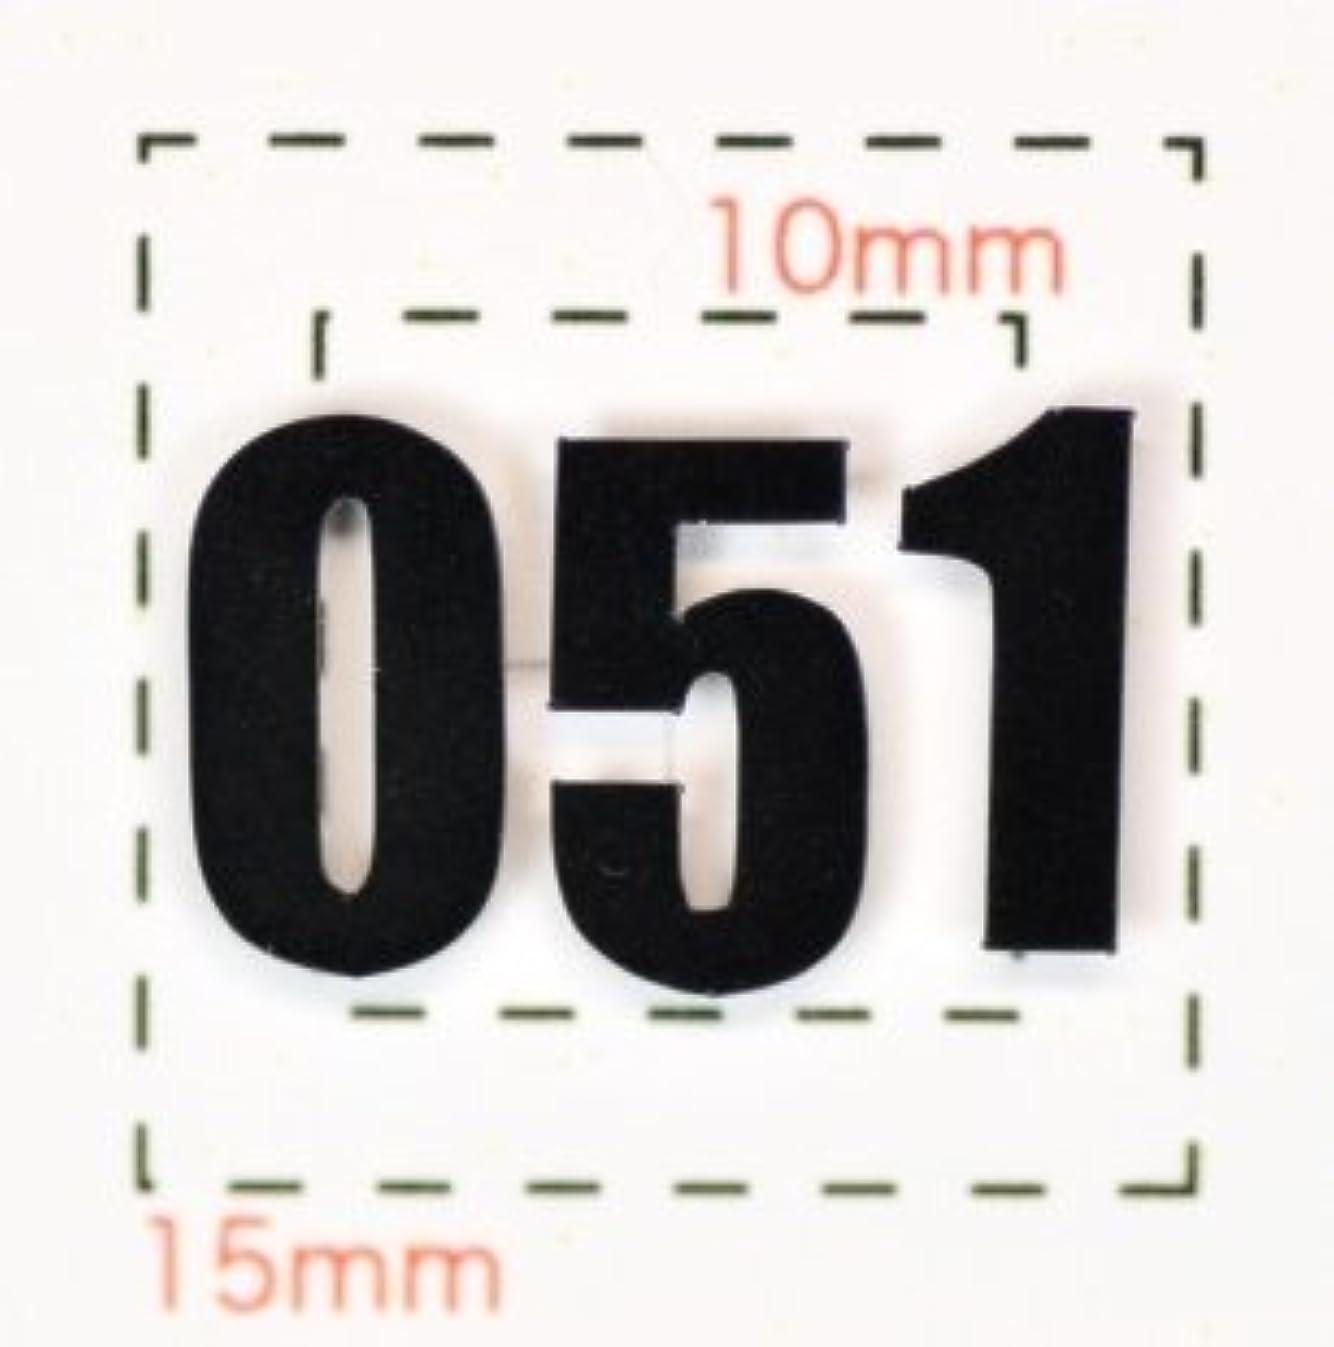 窒素国家耐久背番号(1)/1シート12枚(サムライジャパン?ワールドカップ?日本代表)【ネイルシール】